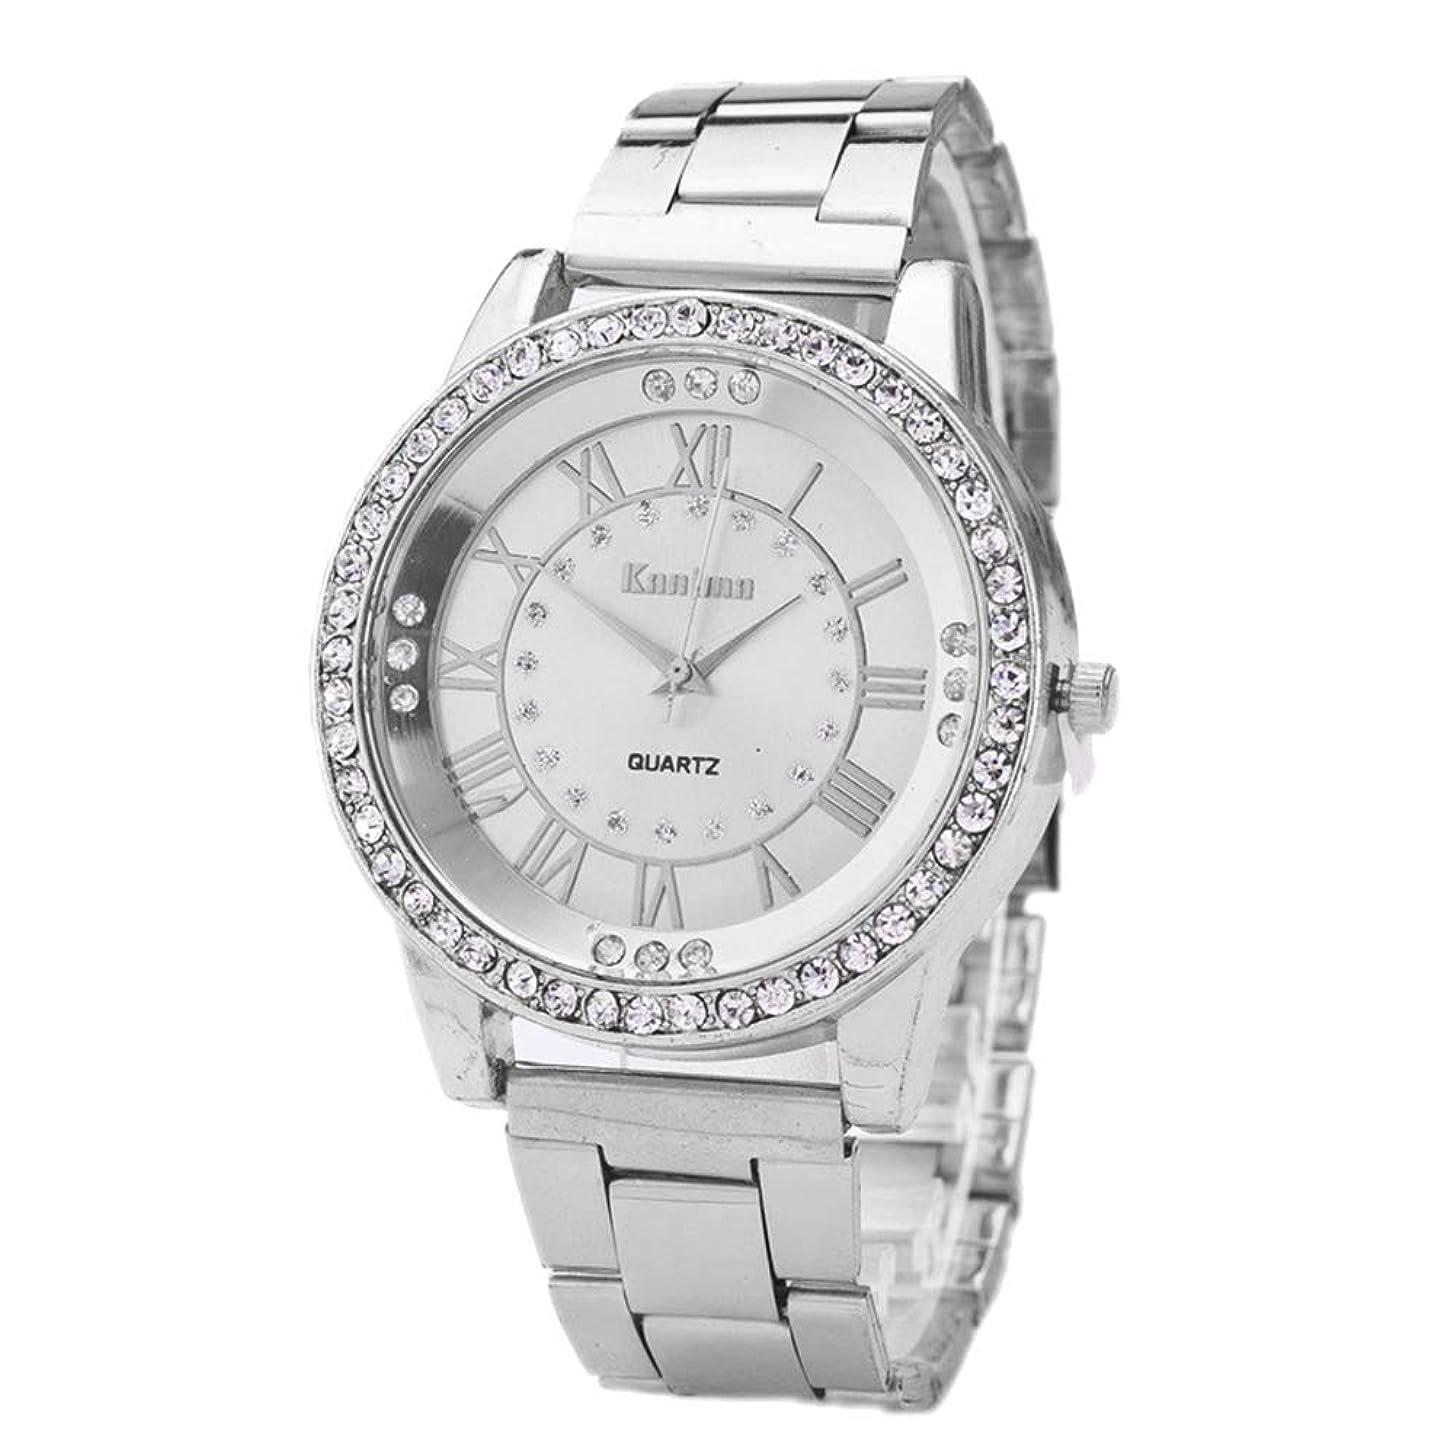 lightclub Women Roman Numerals Rhinestone Index Alloy Band Round Dial Quartz Wrist Watch for Women Men Silver